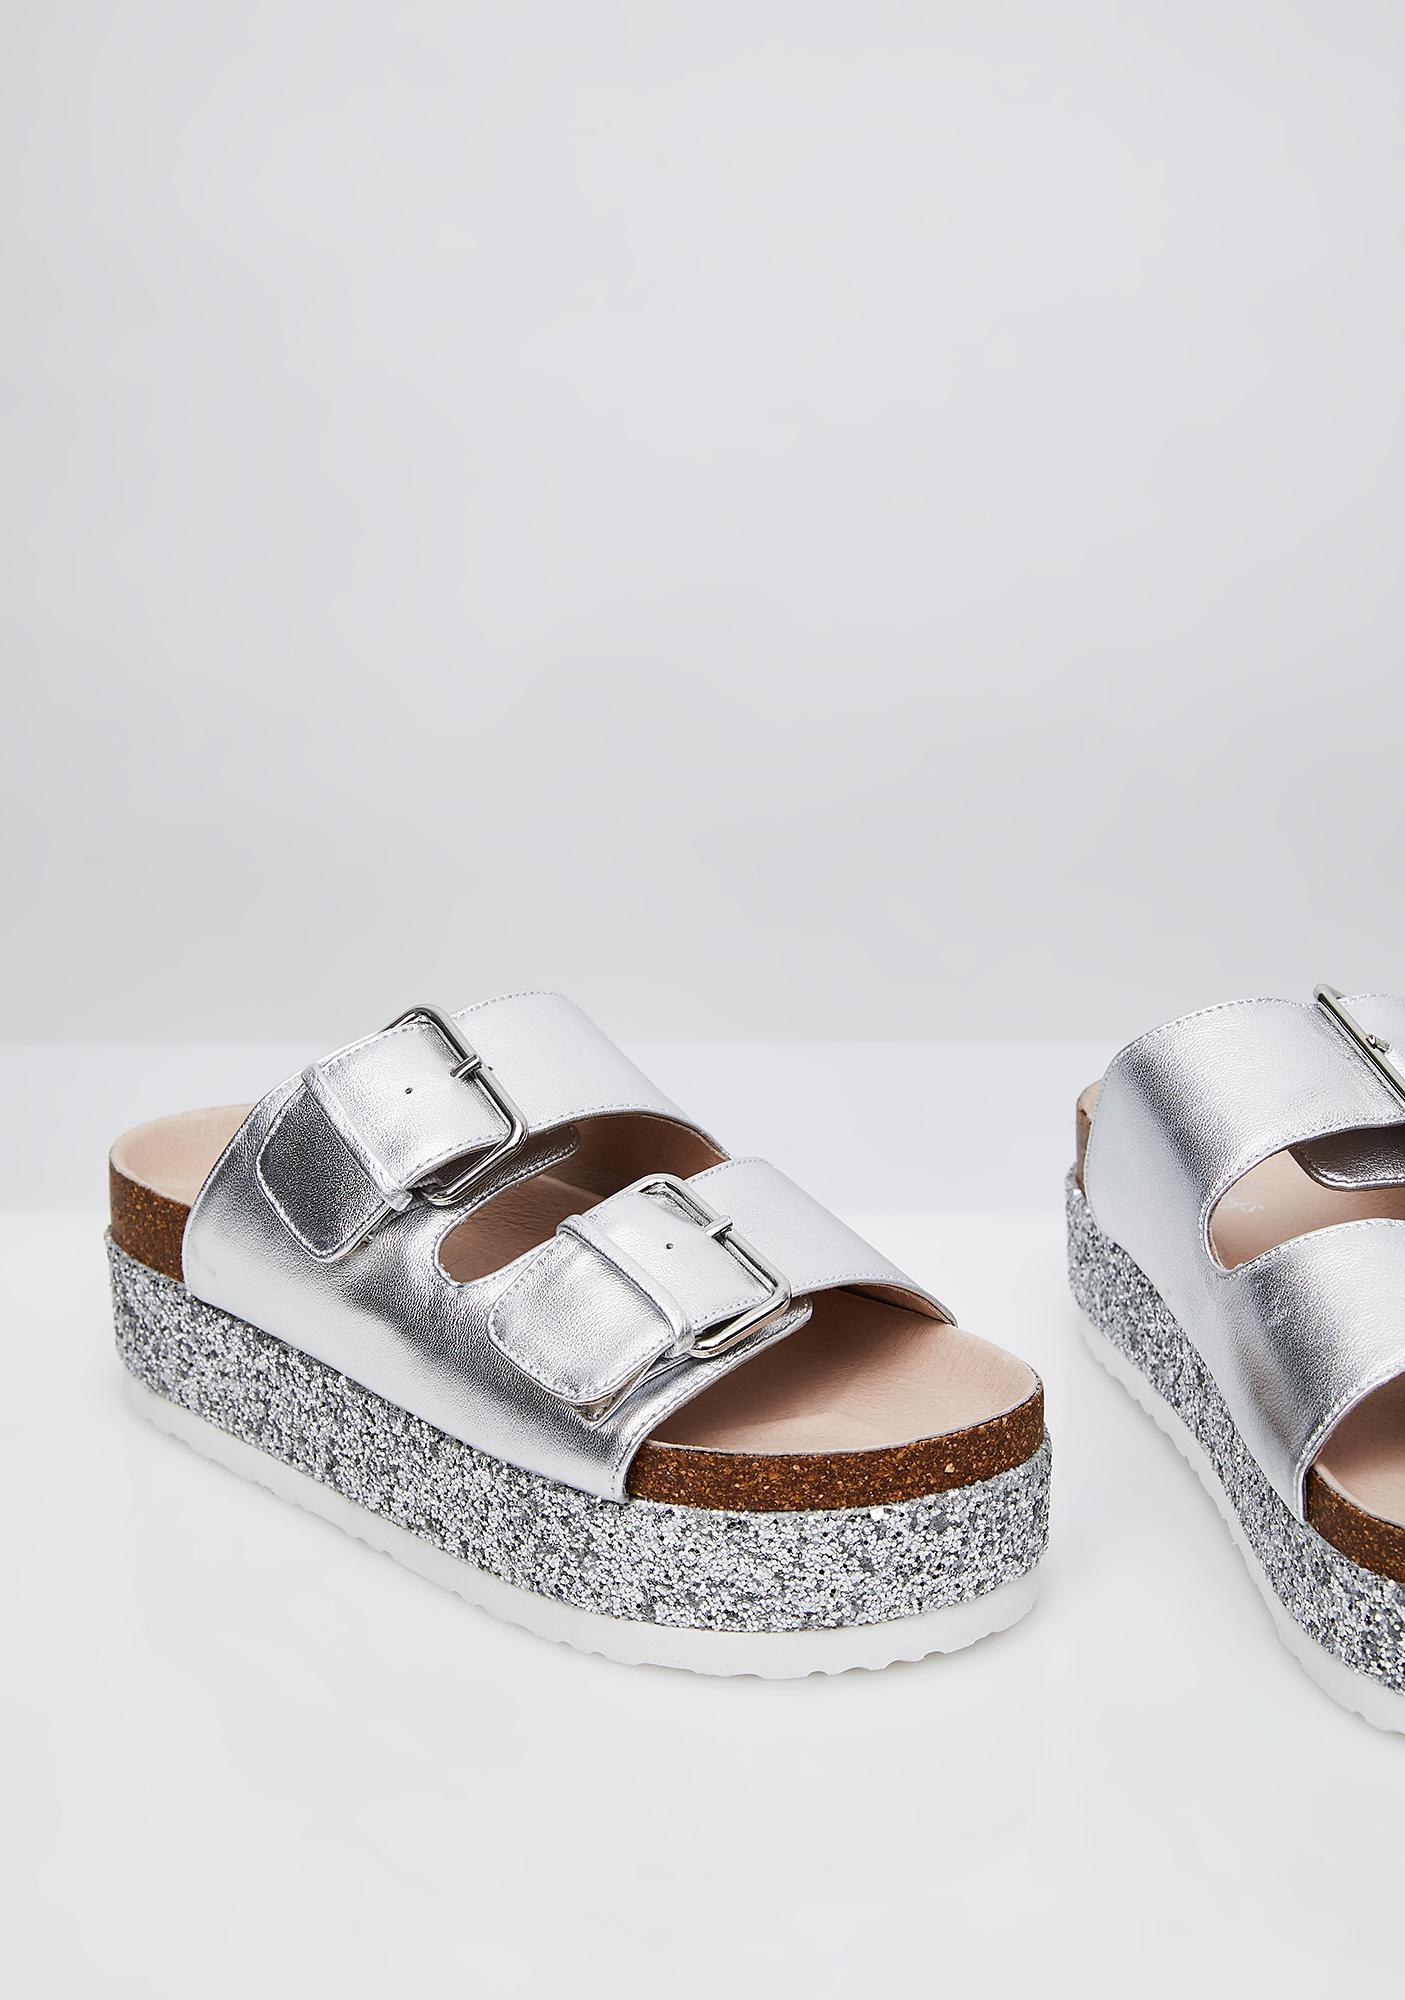 SHELLYS LONDON Dita Silver lugged Platform Modern two-strap Metallic Sandal